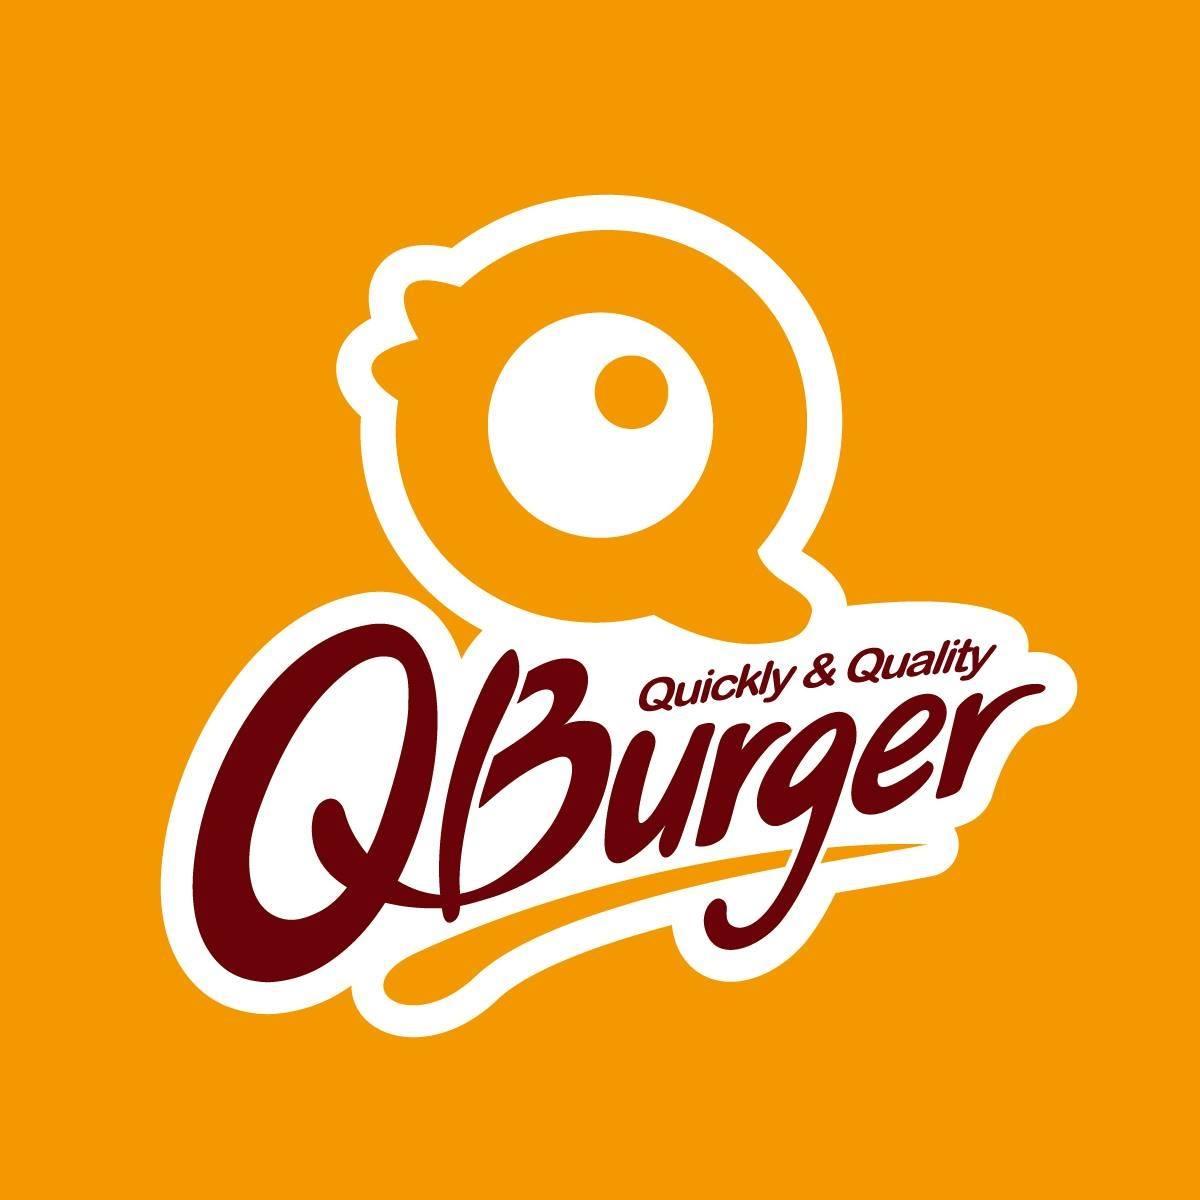 【菜單】 Q Burger饗樂餐飲菜單 2021年價目表 分店據點 Q Burger饗樂餐飲